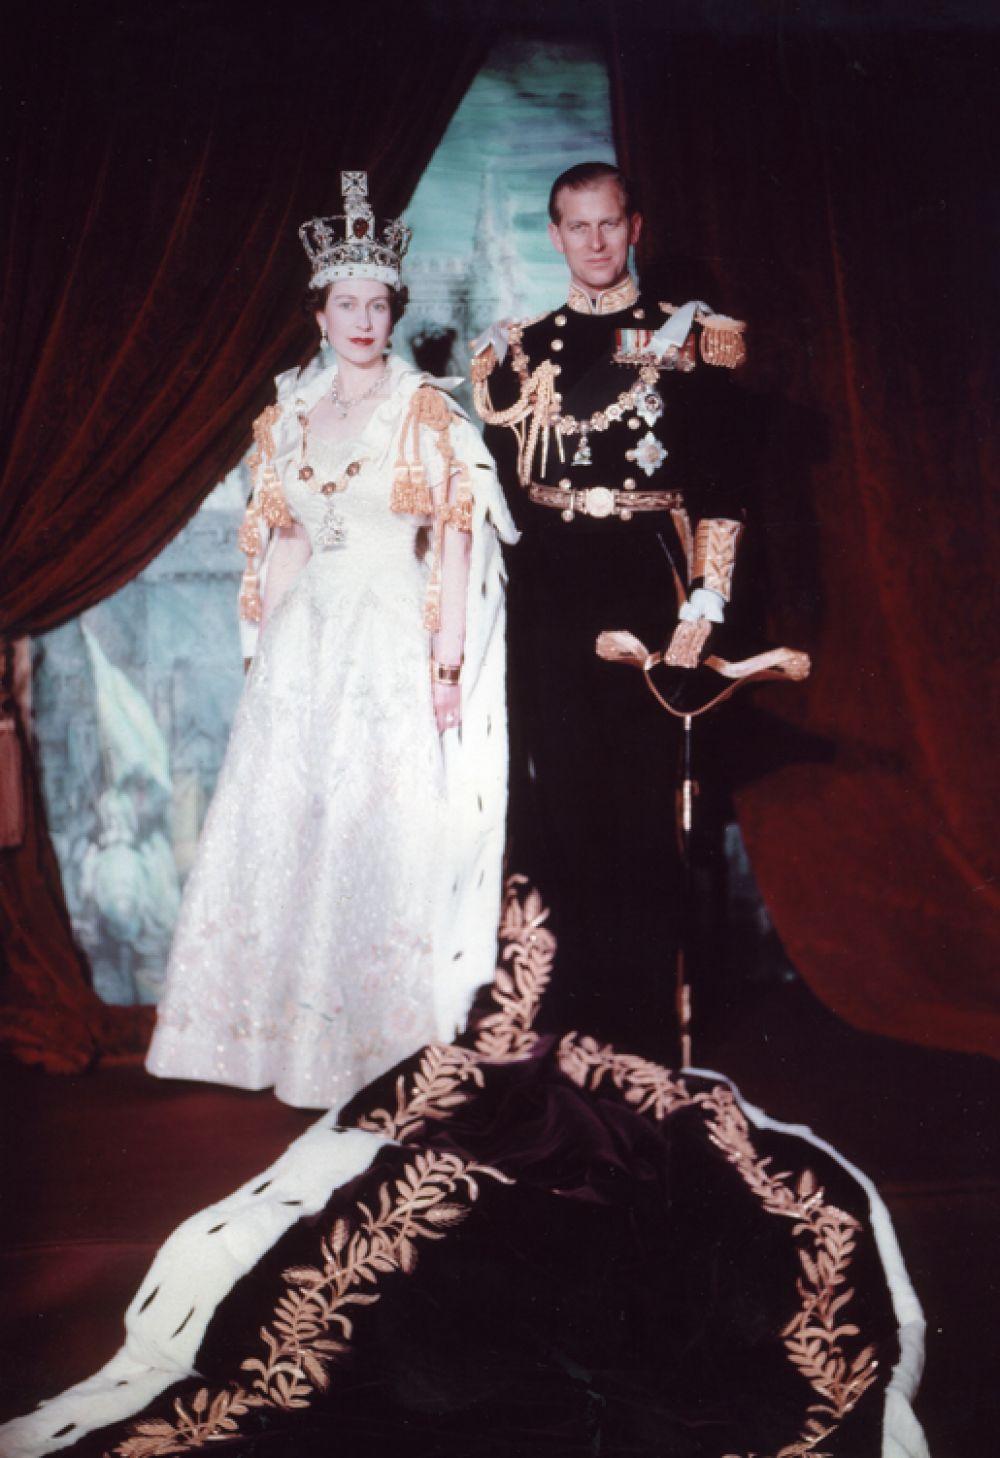 После коронации были сделаны многочисленные официальные фотографии королевы. Самыми известными являются работы фотографа Сесила Битона, в дальнейшем он часто делал снимки королевской семьи для официальных публикаций и особенно любил, когда ему позировала Елизавета.